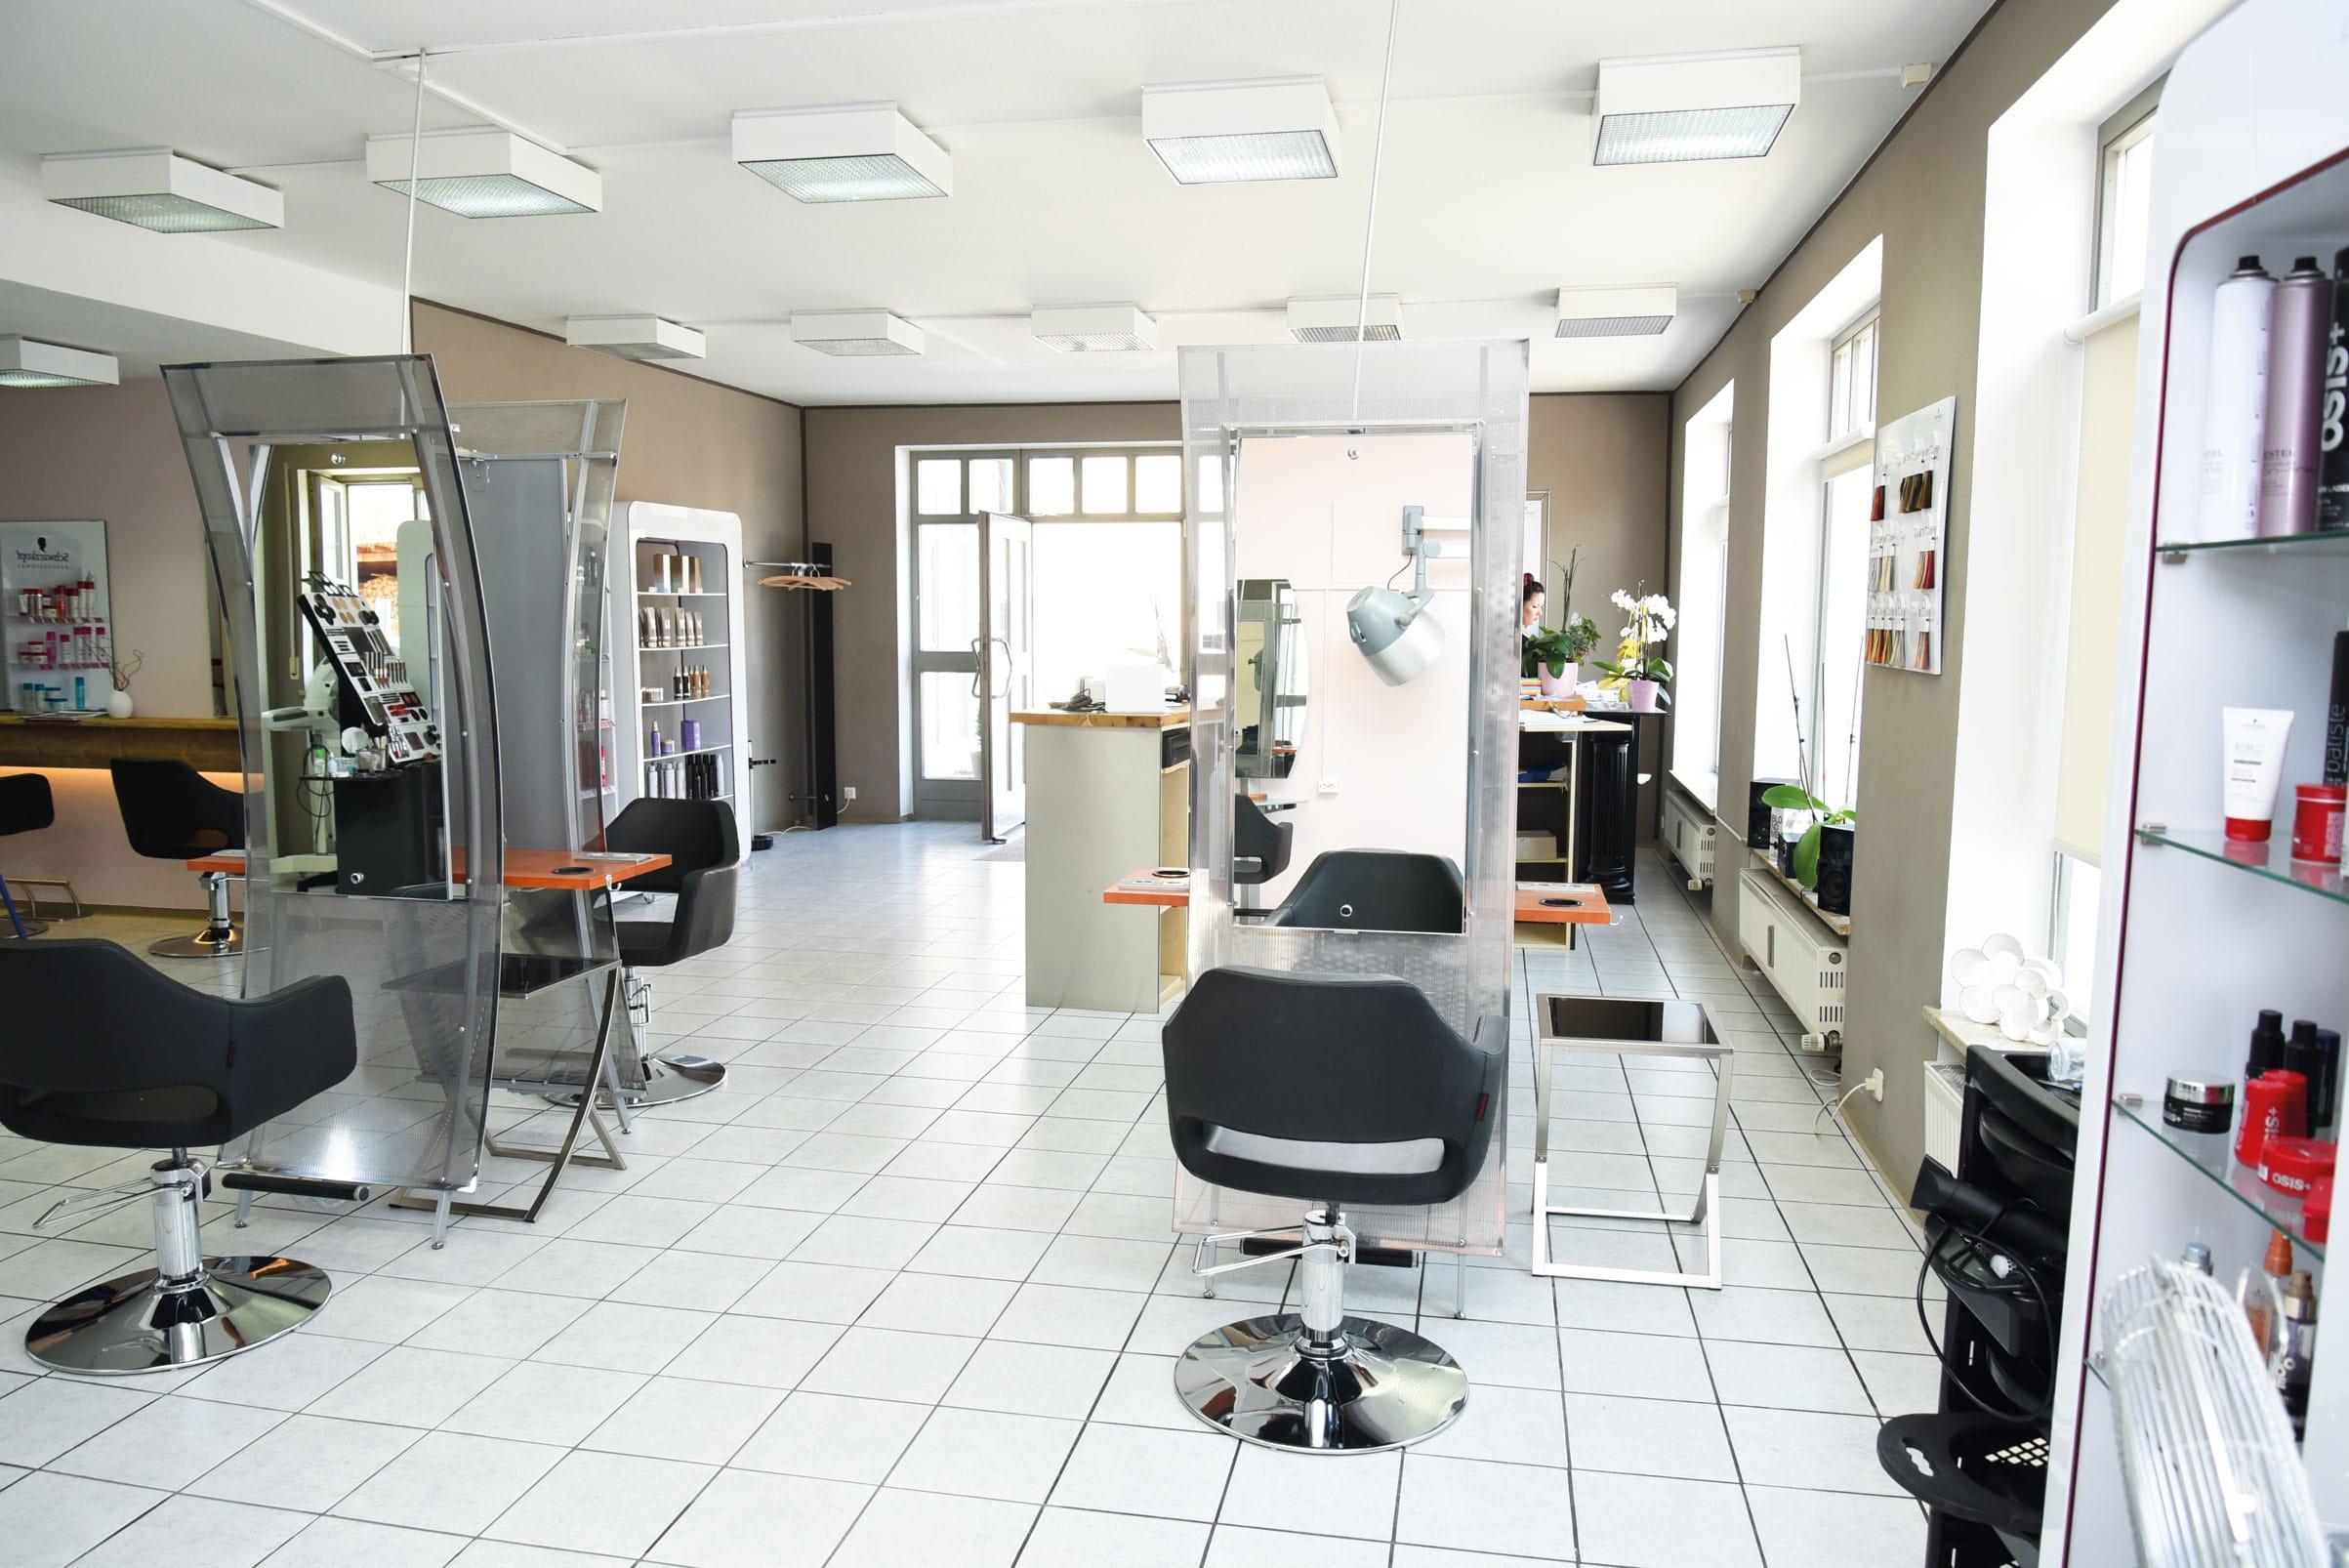 Haarboutique-Salon